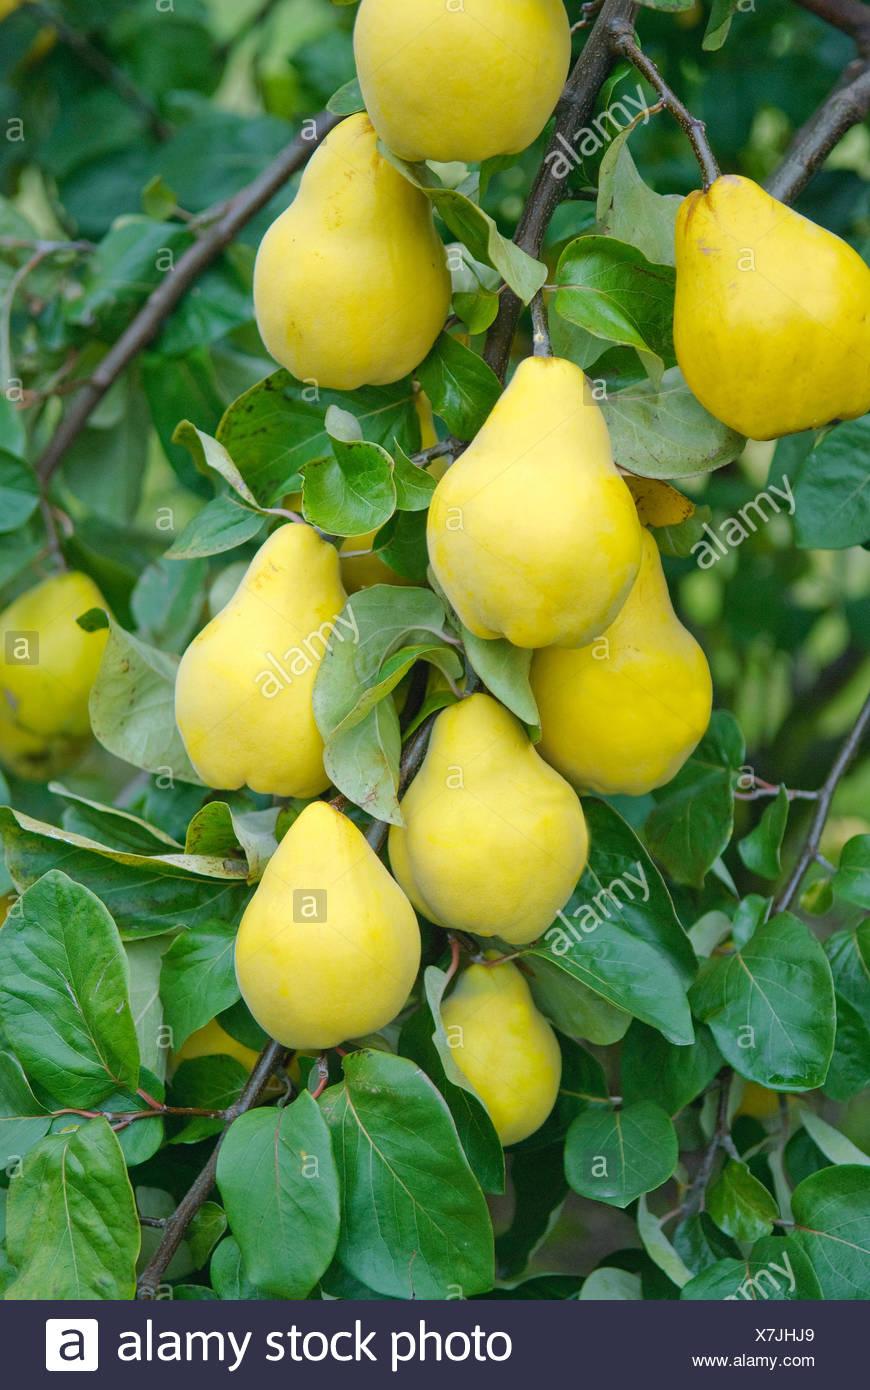 common quince (Cydonia oblonga 'Champion', Cydonia oblonga Champion), quinces of cultivar Champion on a tree - Stock Image